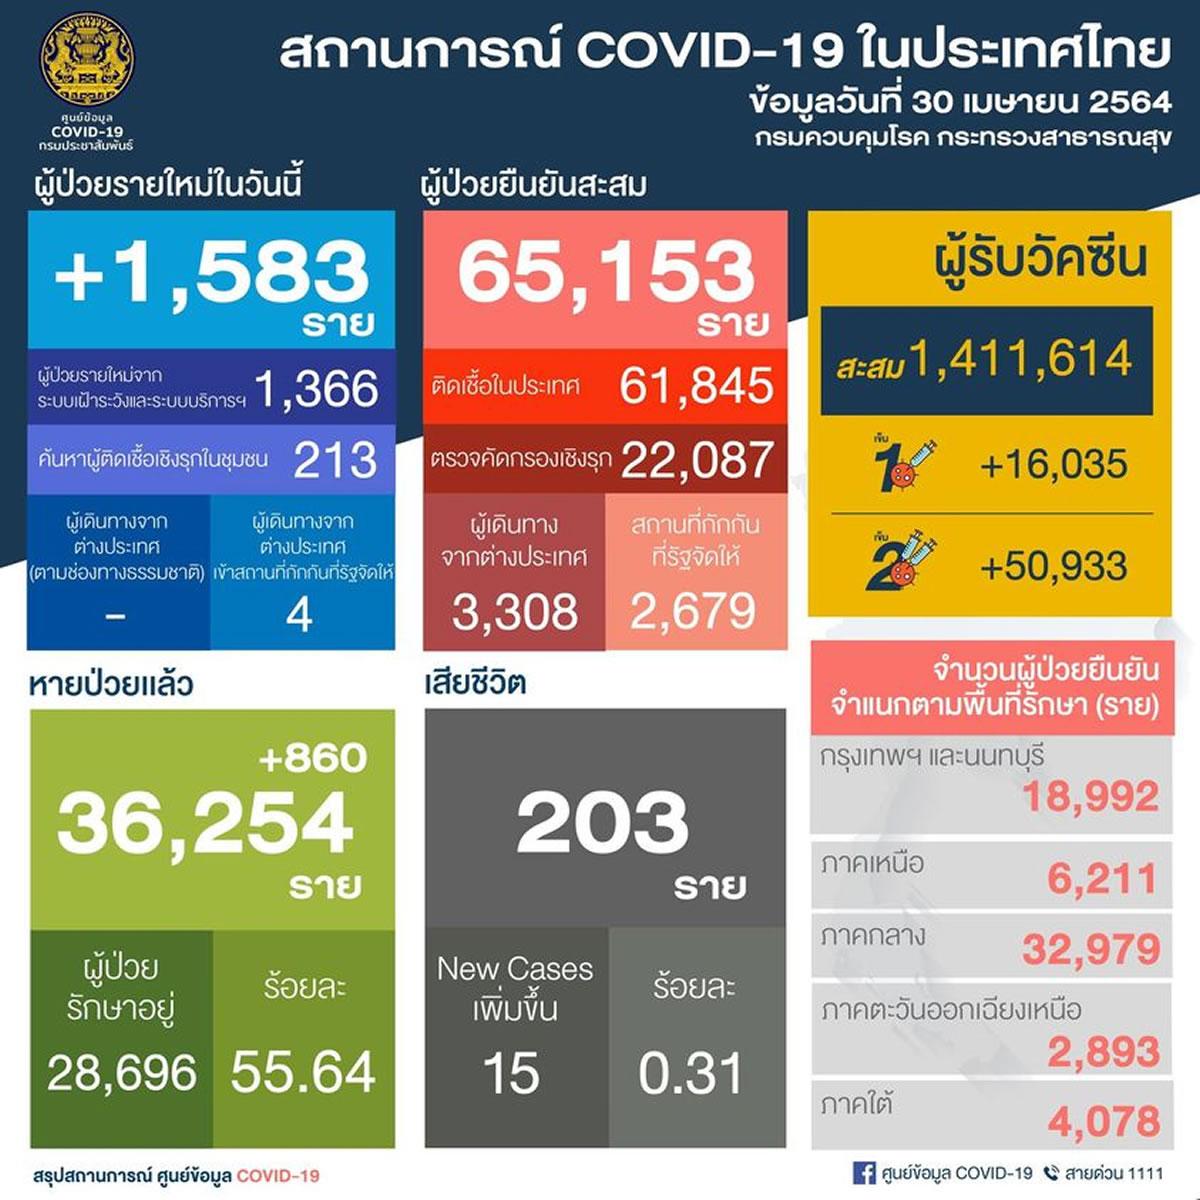 タイ国内感染1,579人/バンコク都417人/15人死亡/[2021年4月30日発表]